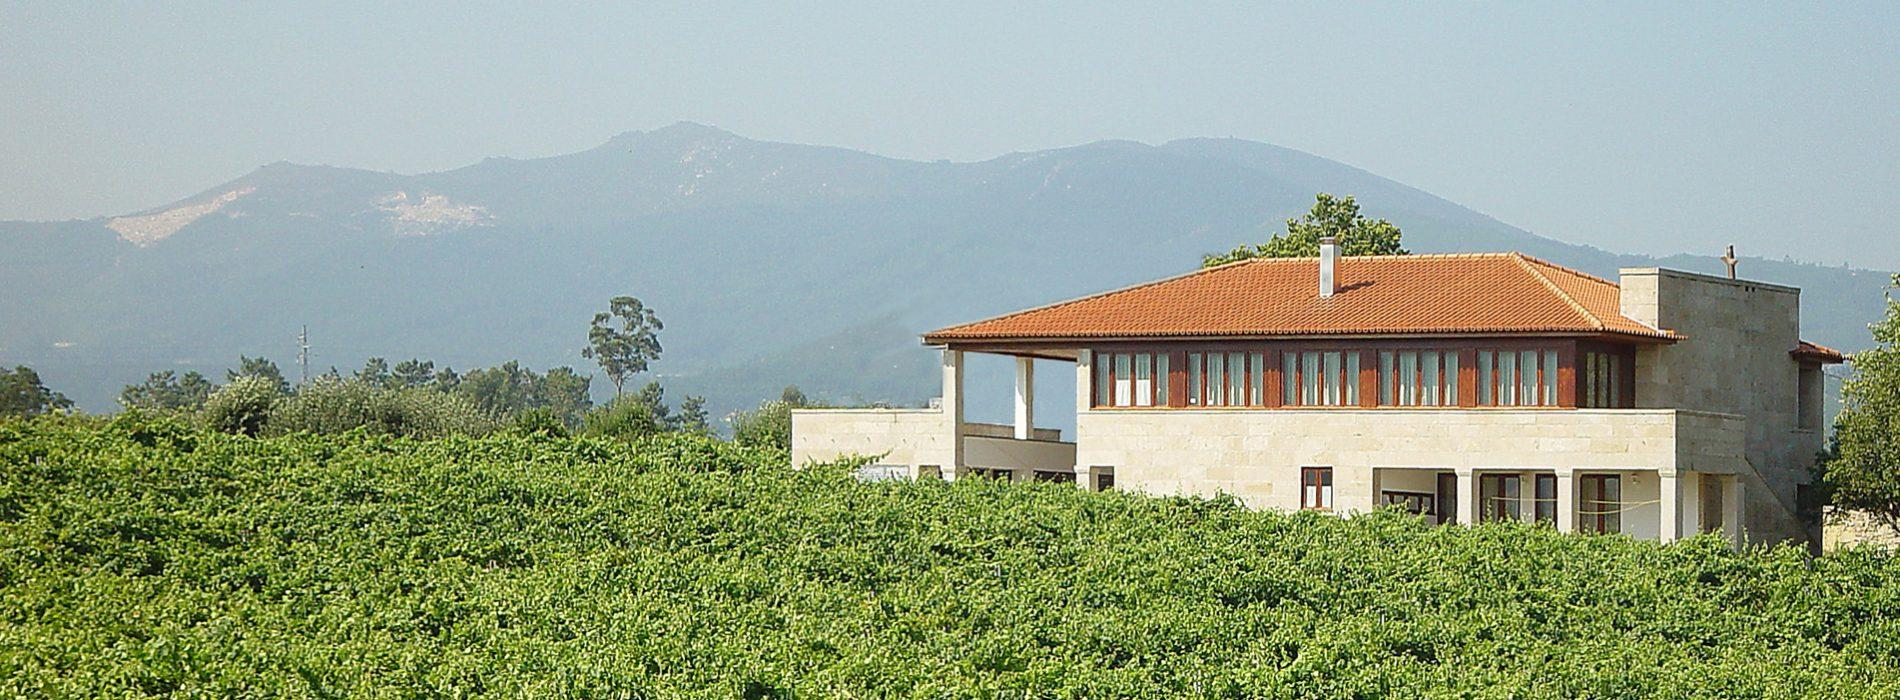 Casa-em-Santo-Amaro-fachada-nascente-paisagem